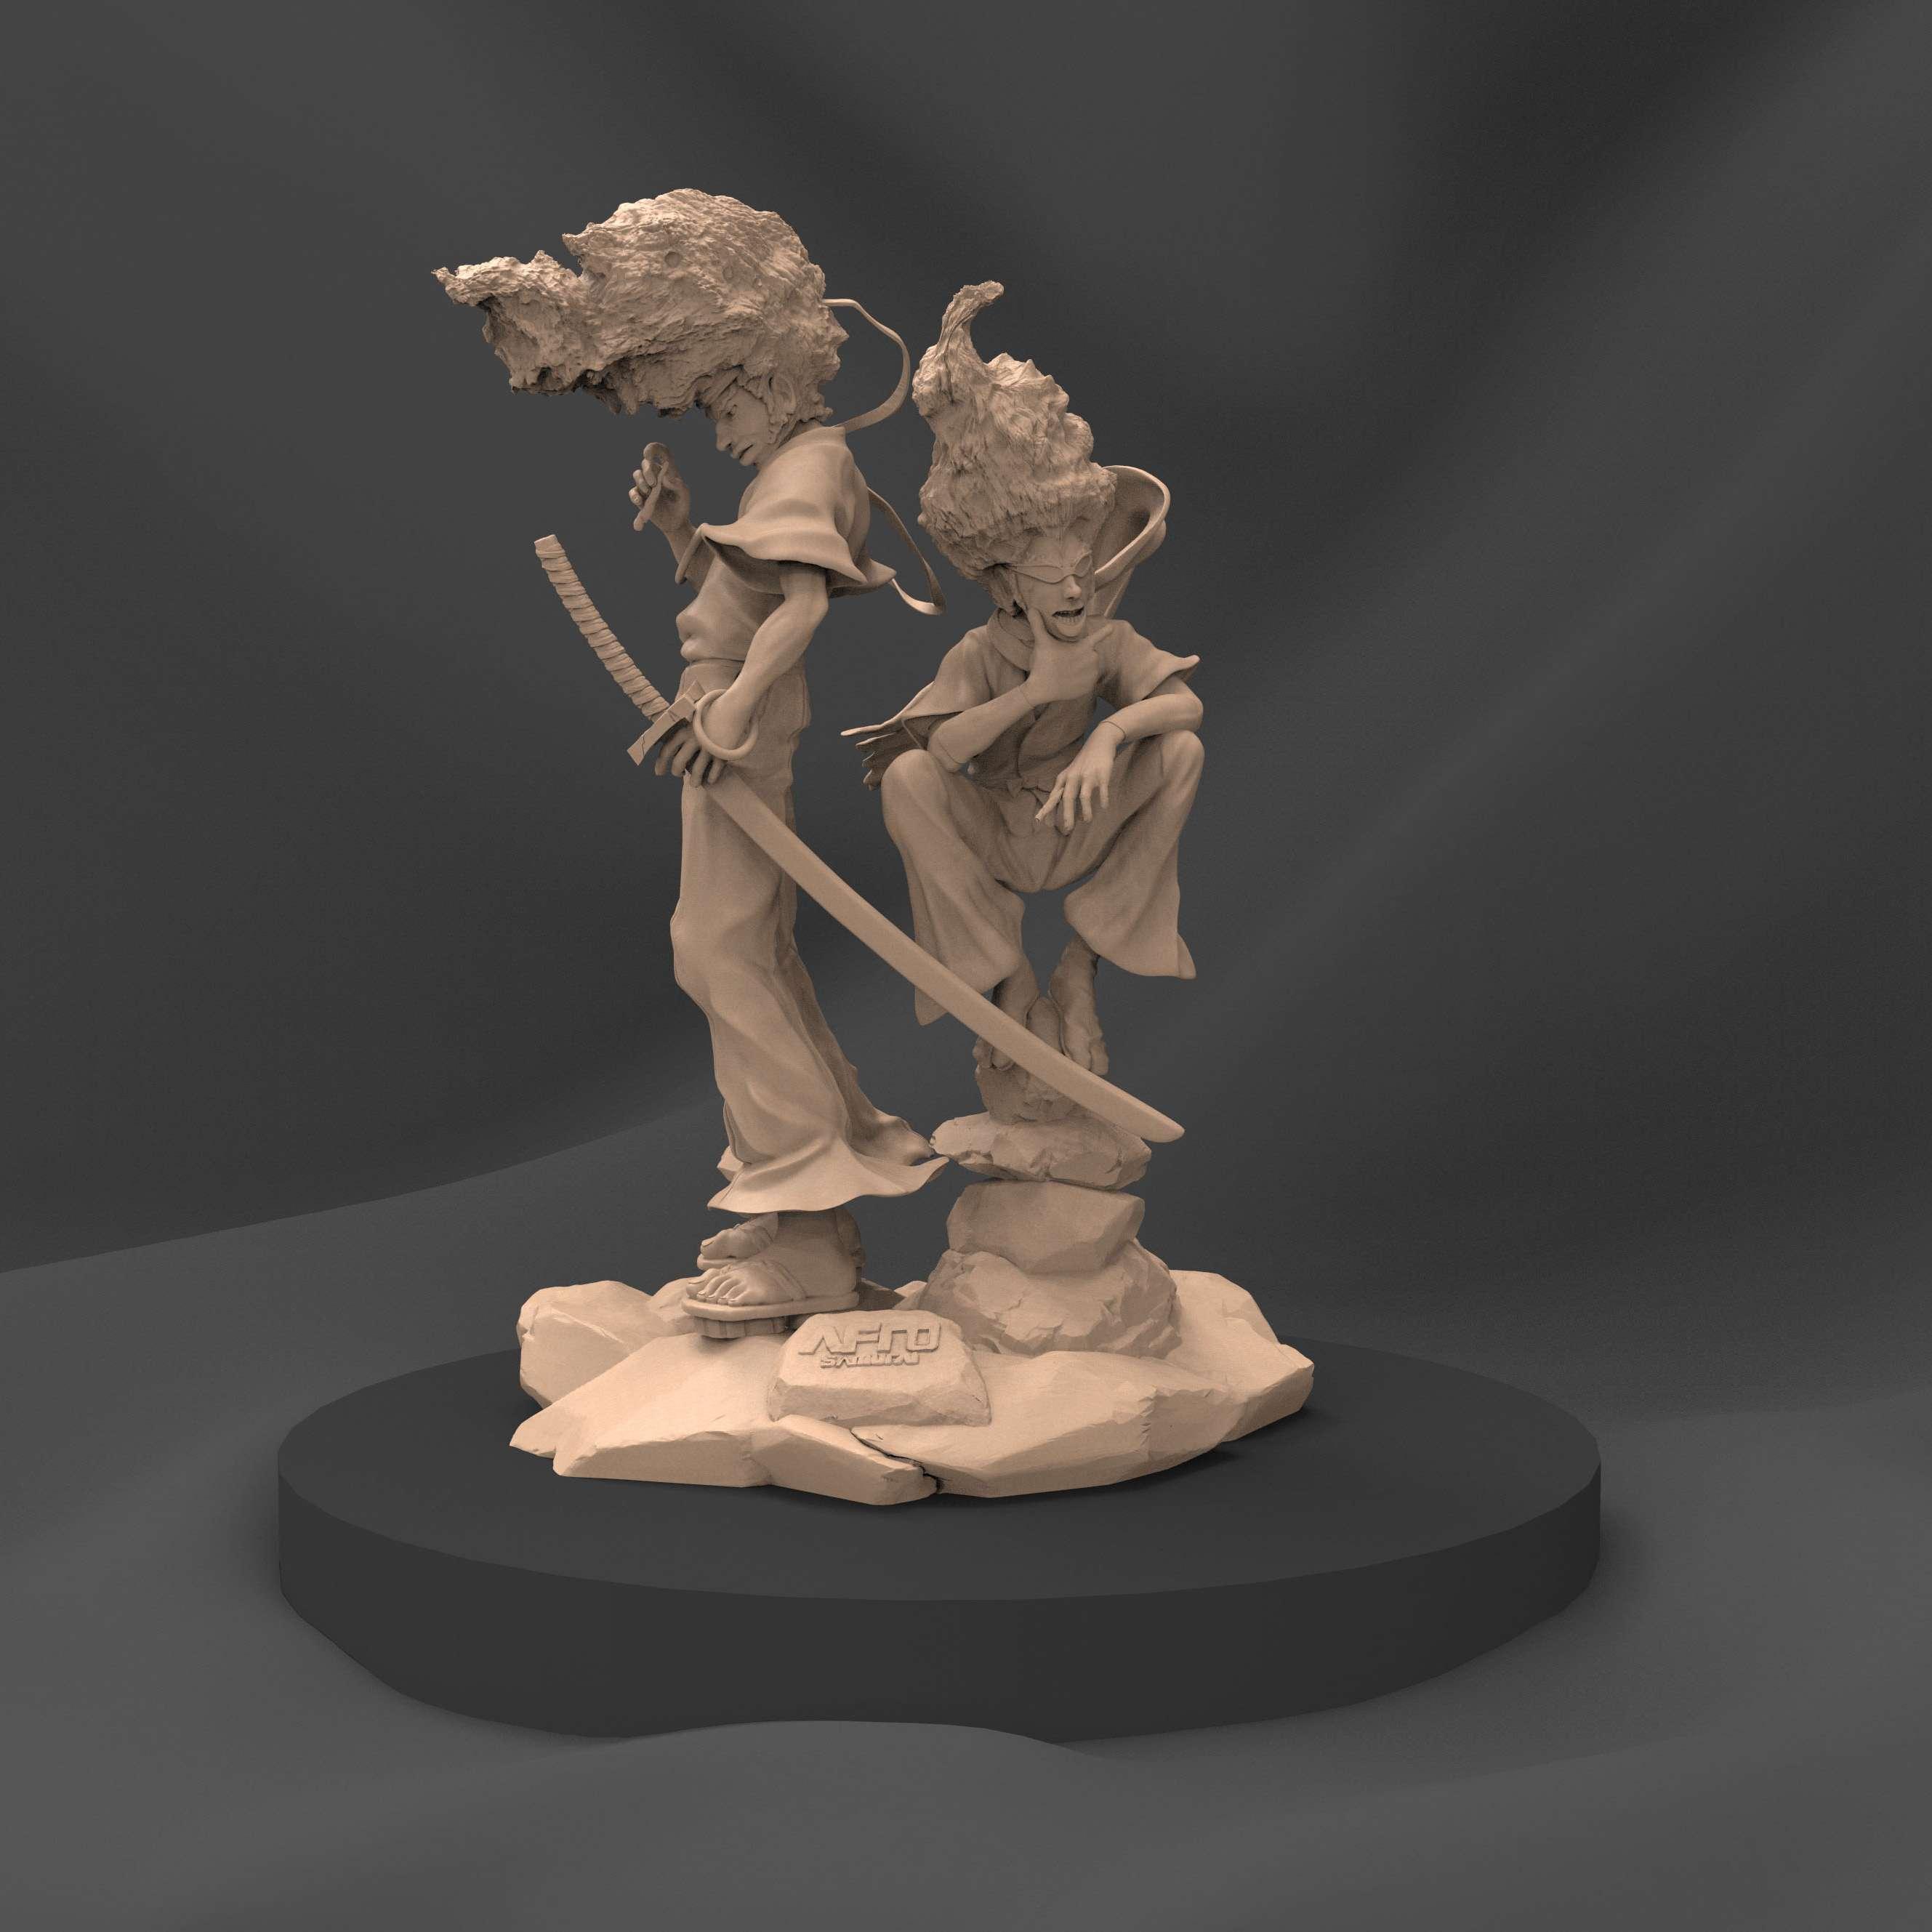 Afro Samurai - Sculpture of Afro Samurai and his ninja companion - Os melhores arquivos para impressão 3D do mundo. Modelos stl divididos em partes para facilitar a impressão 3D. Todos os tipos de personagens, decoração, cosplay, próteses, peças. Qualidade na impressão 3D. Modelos 3D com preço acessível. Baixo custo. Compras coletivas de arquivos 3D.